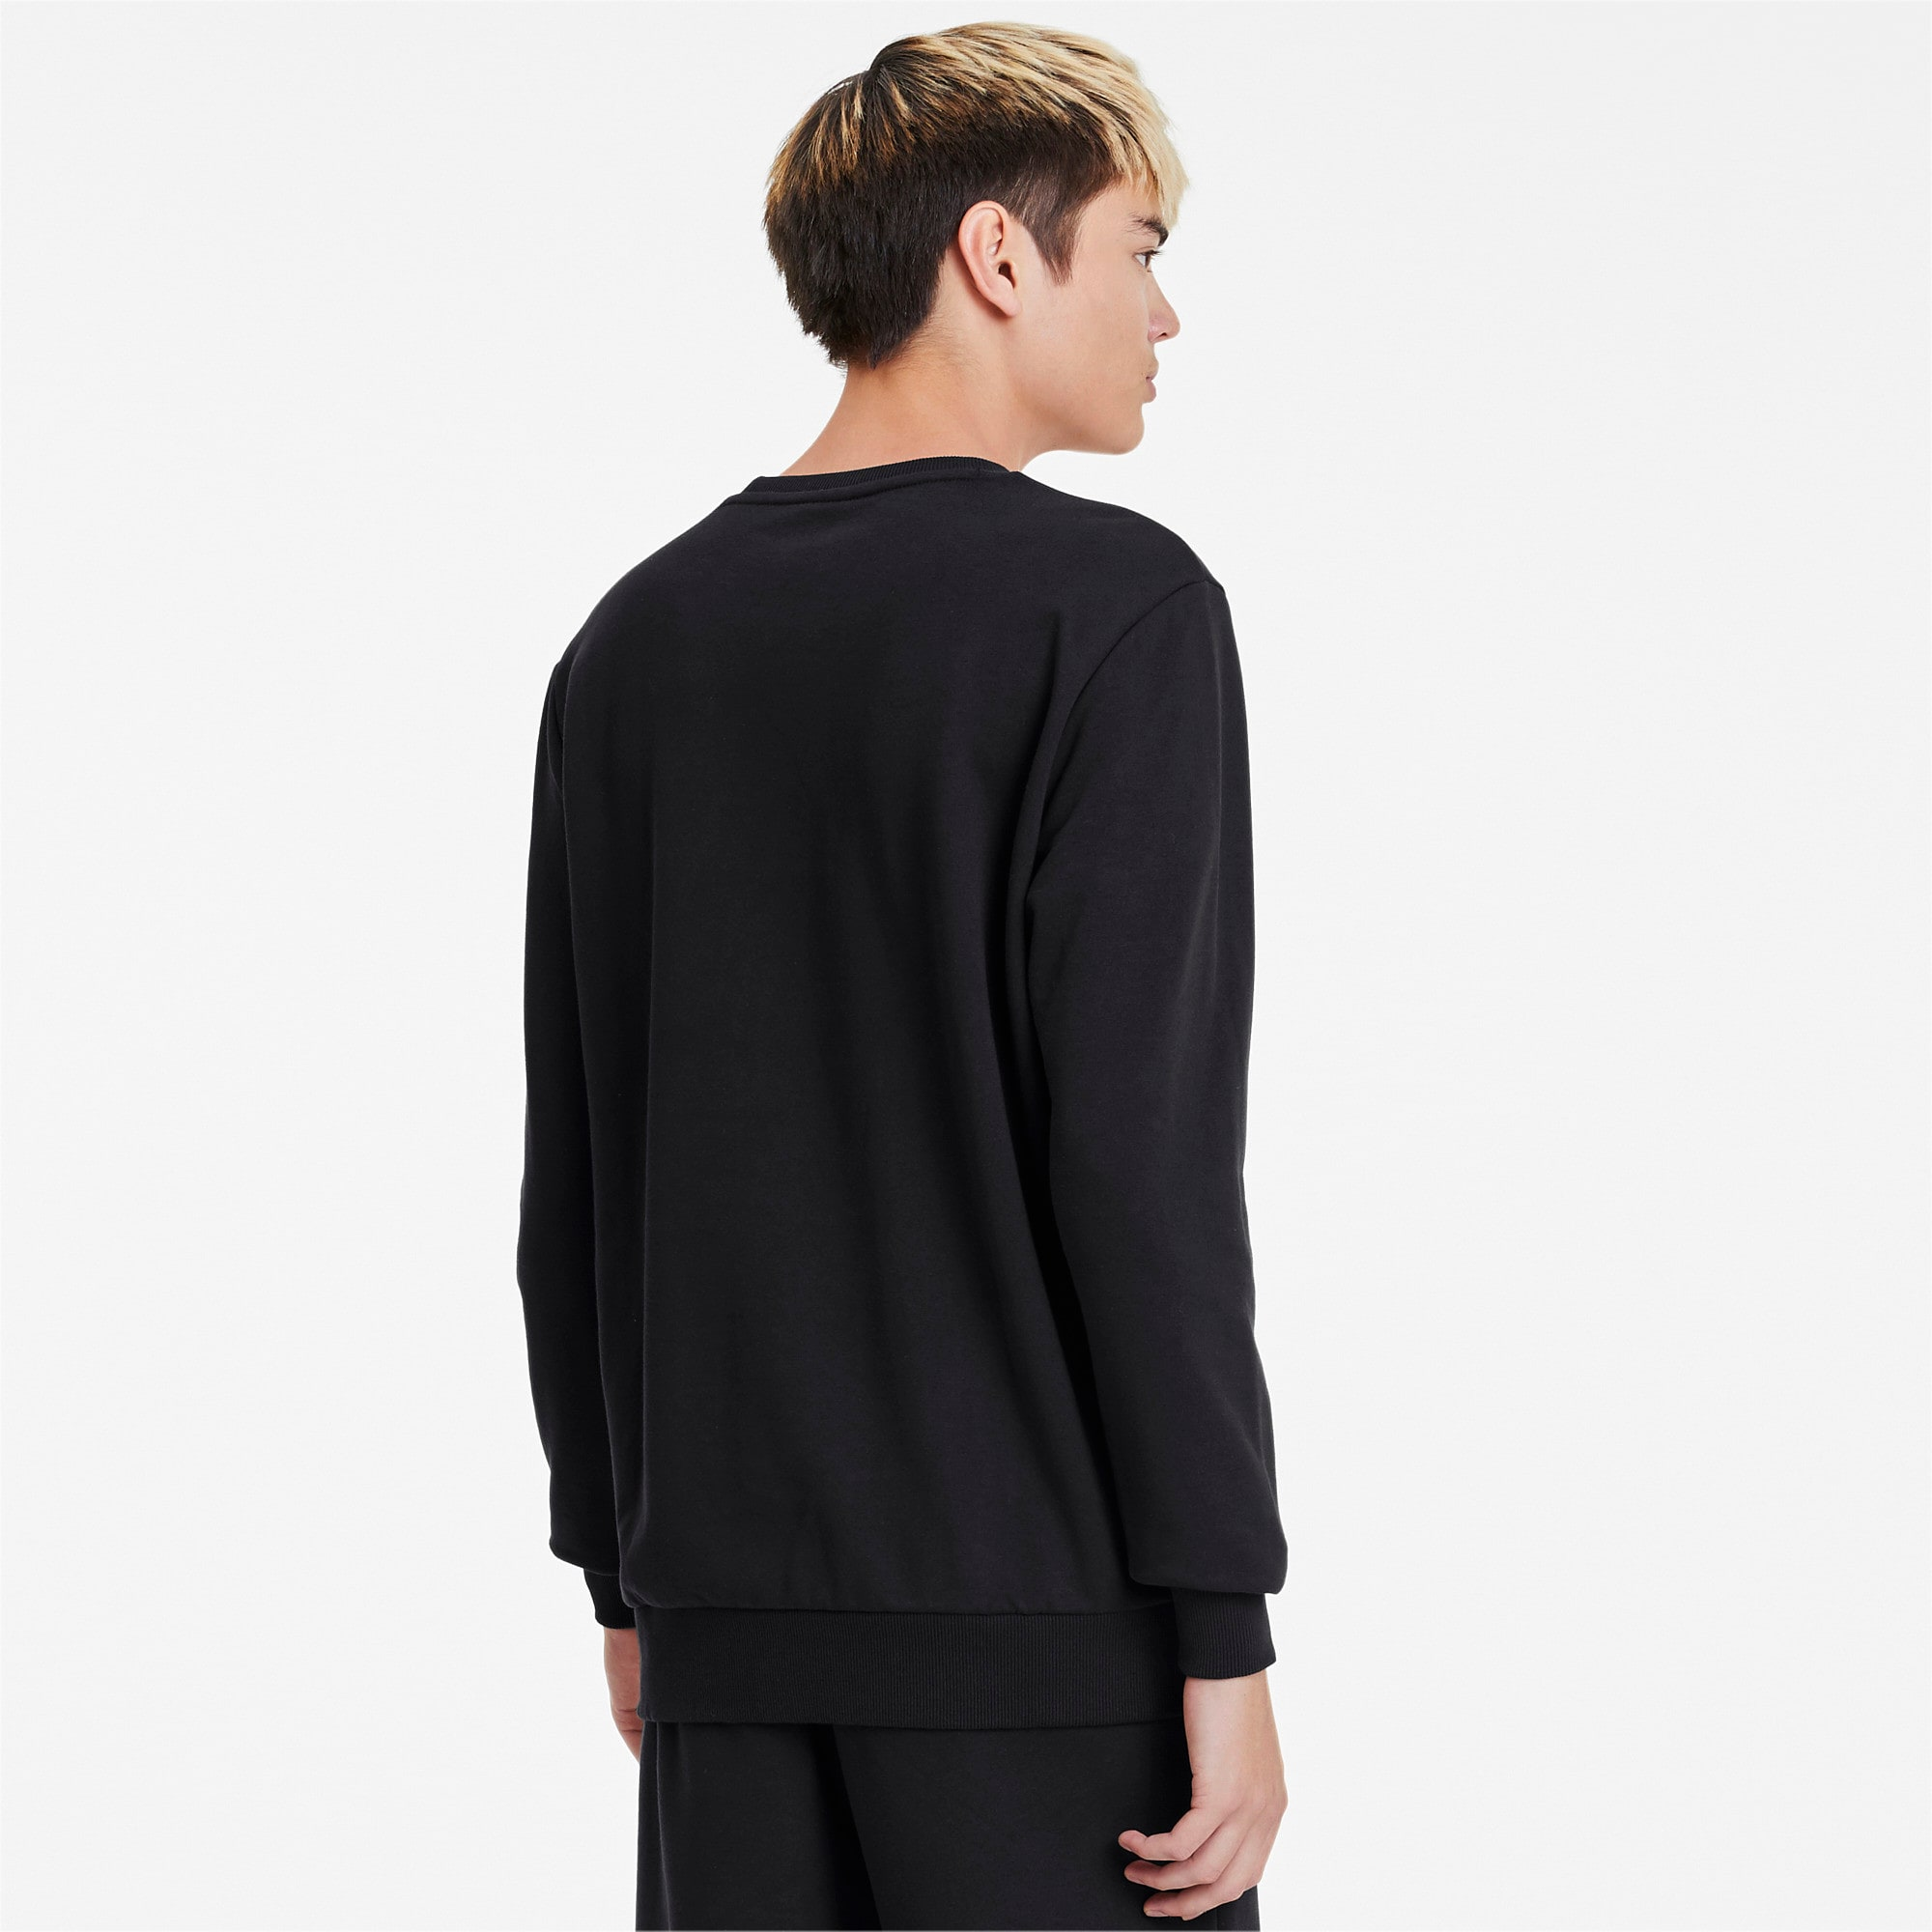 Thumbnail 3 of Classics Logo Men's Crewneck Sweatshirt, Puma Black, medium